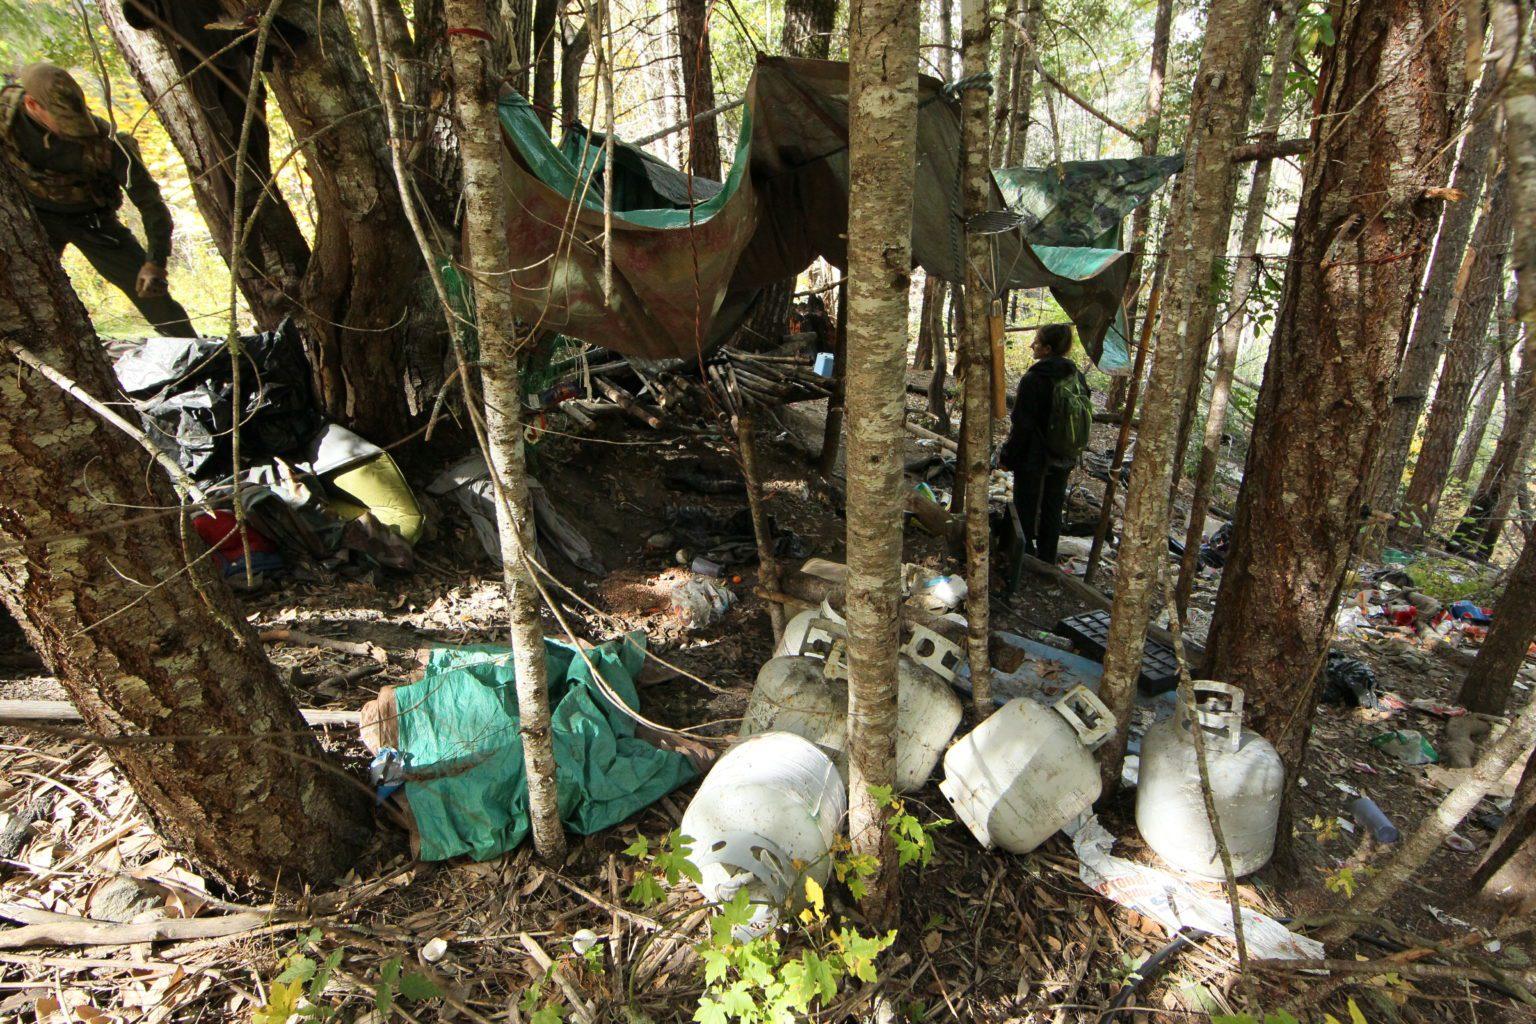 Trespass grows threaten wildlife in western US states